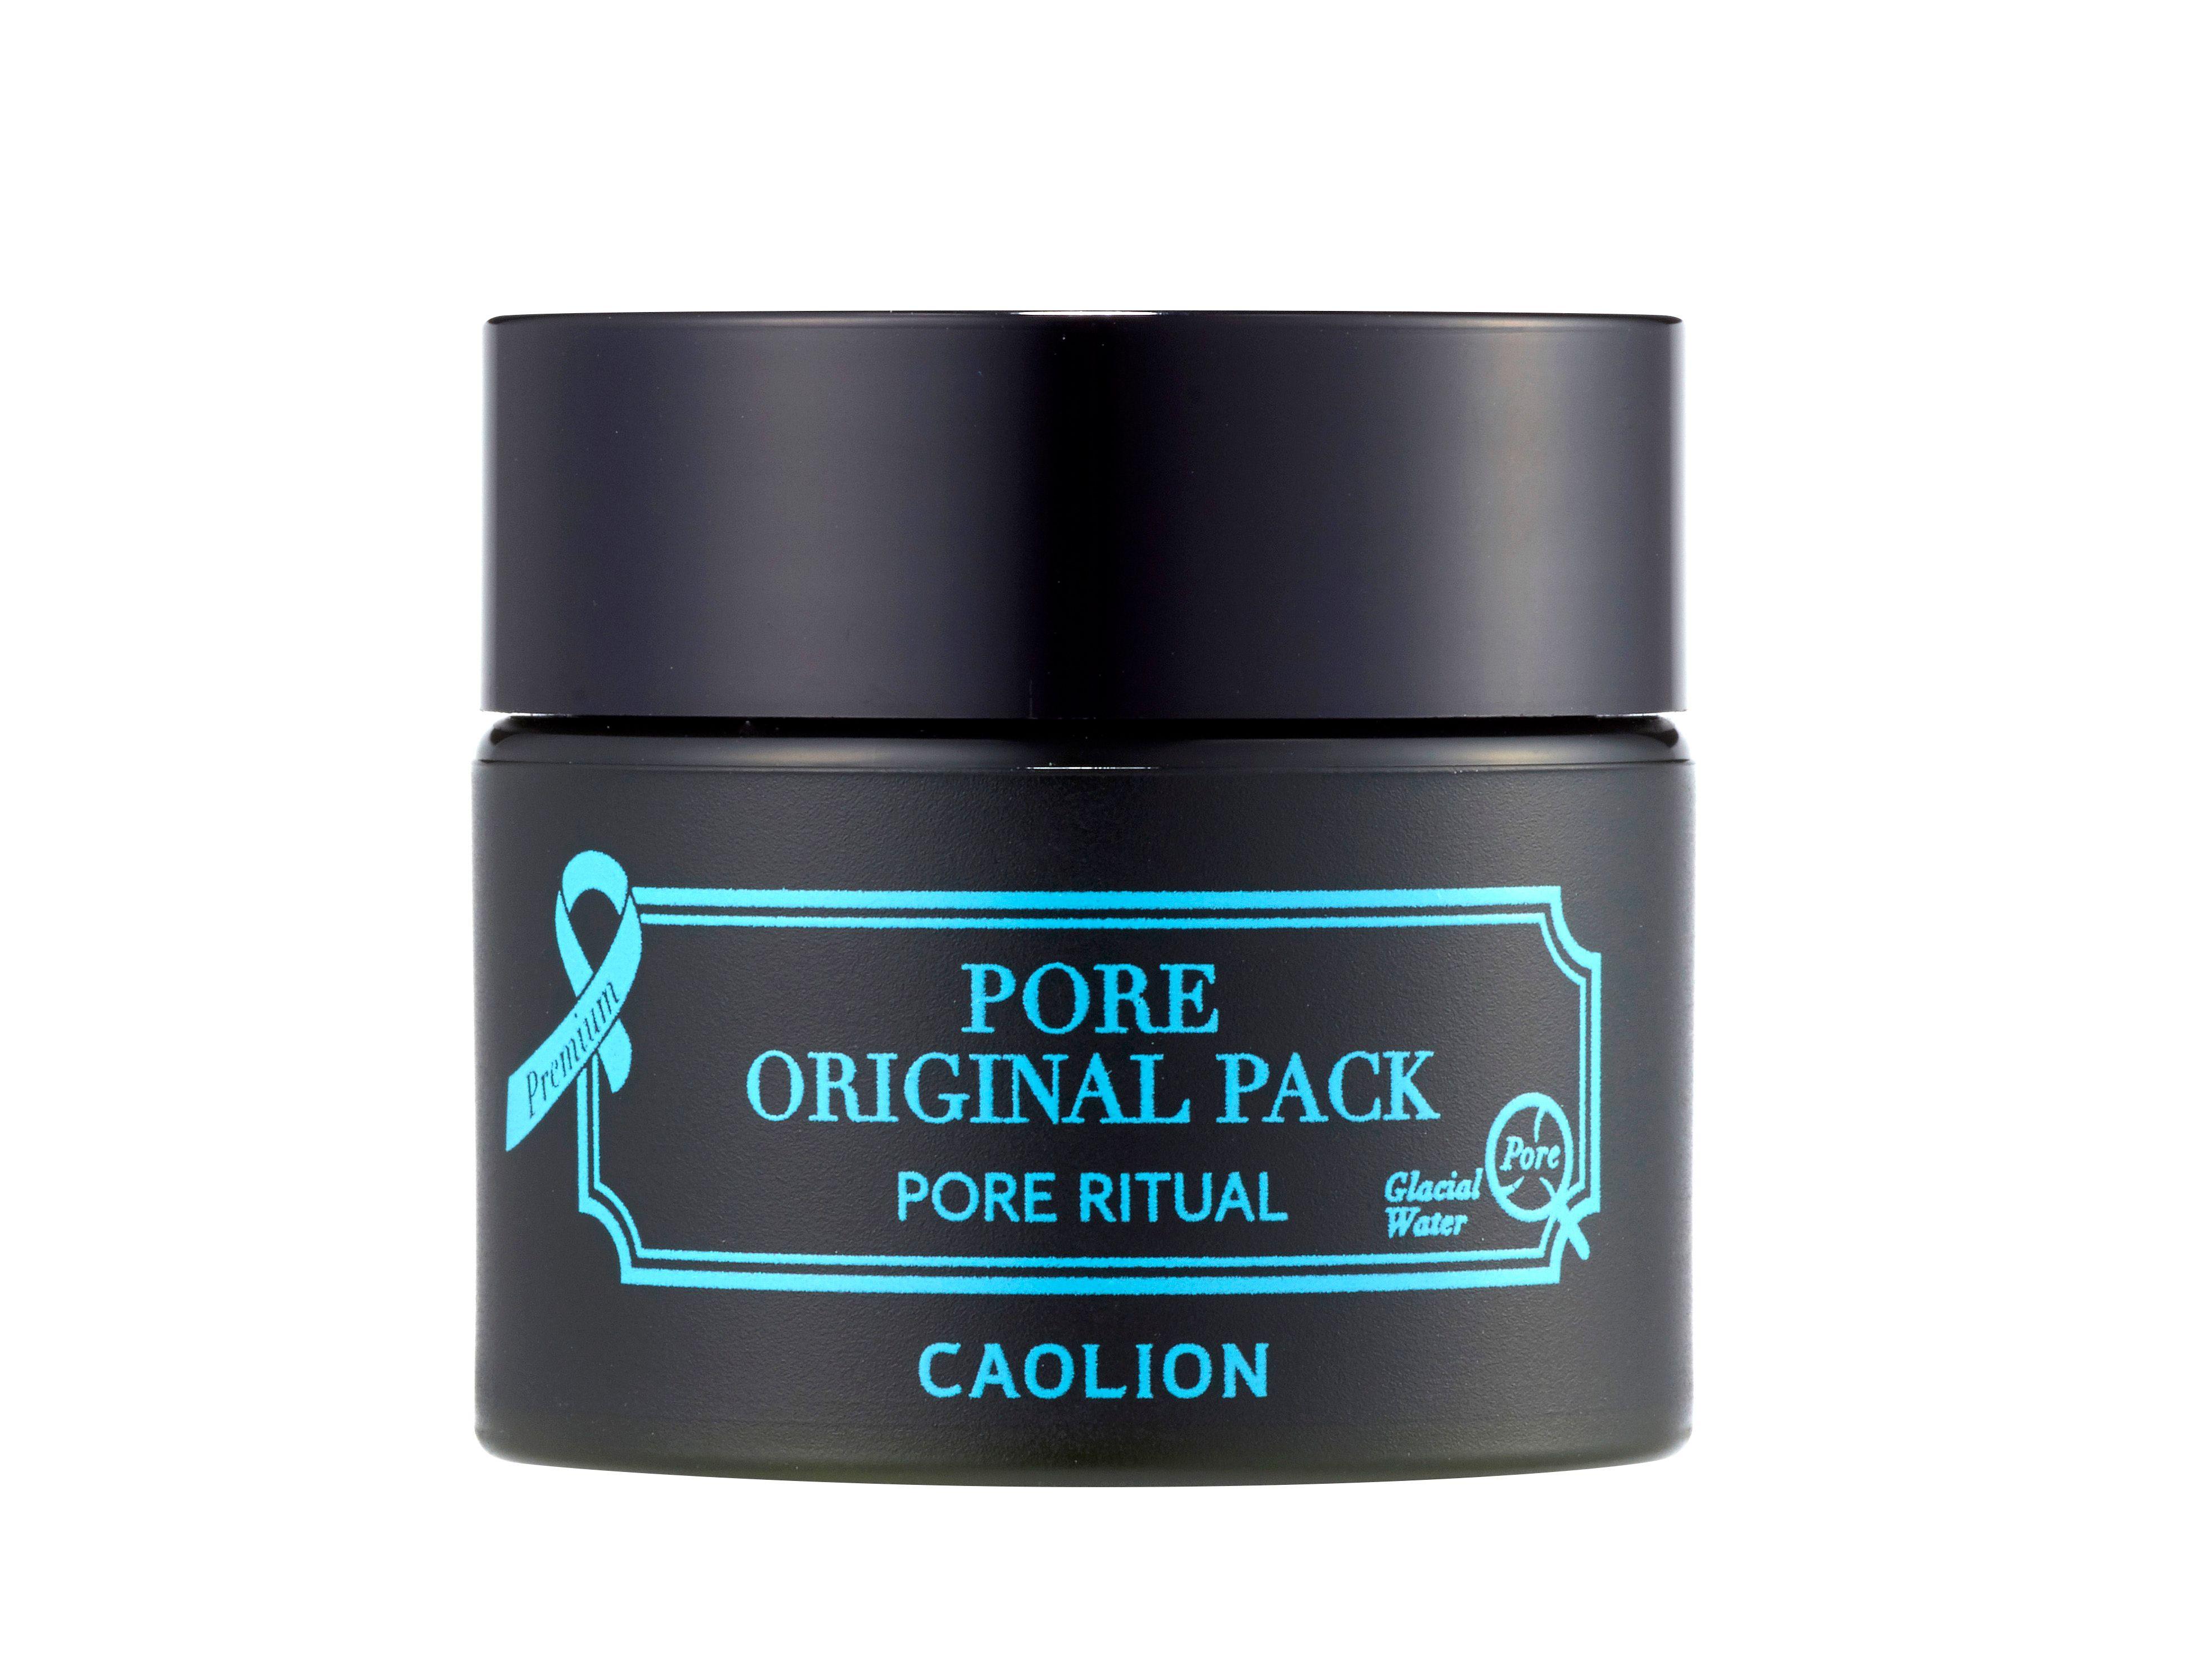 caolion pore